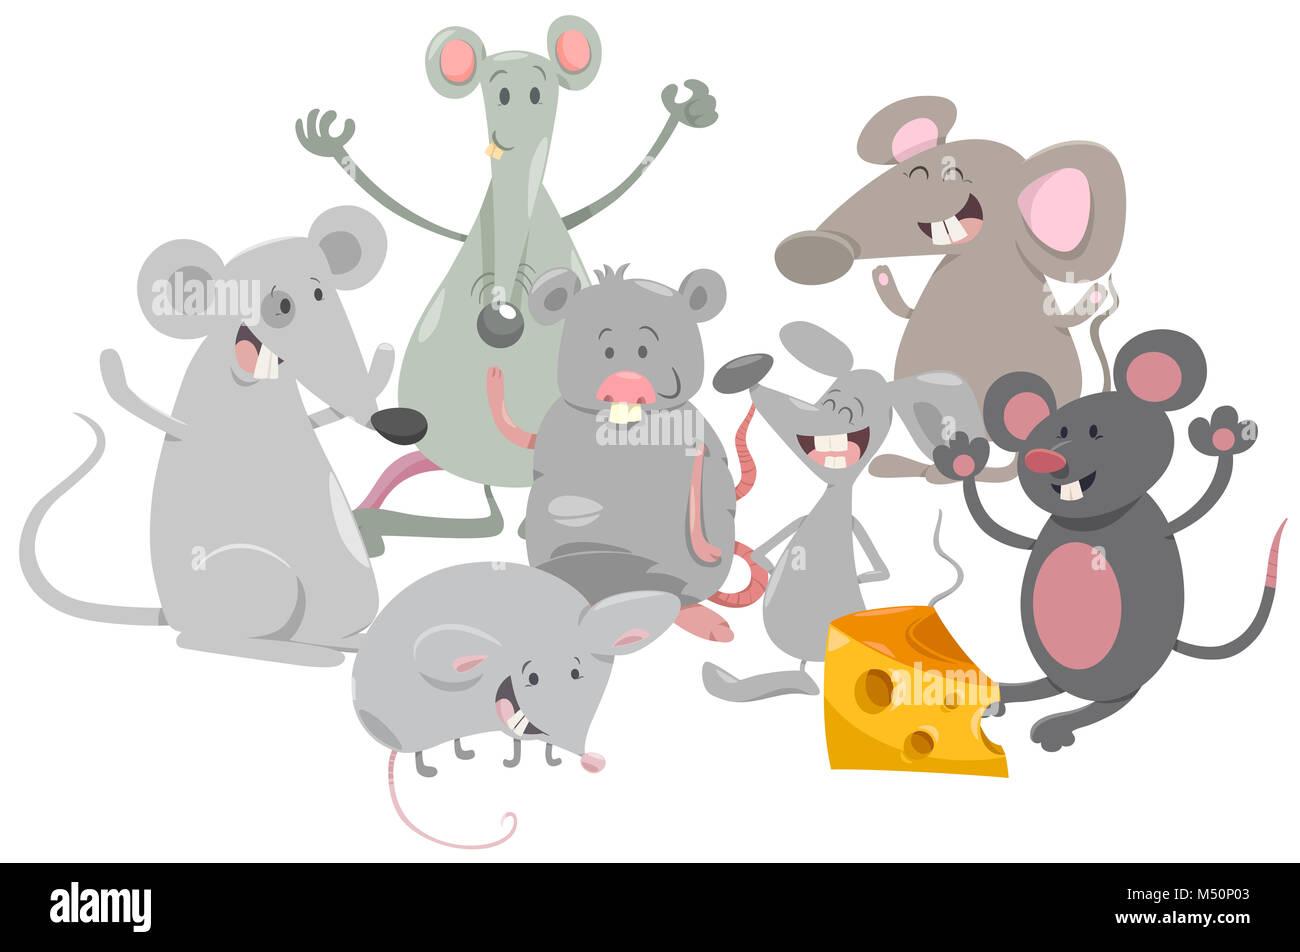 Nett Süße Minnie Und Micky Maus Färbung Seiten Ideen - Druckbare ...